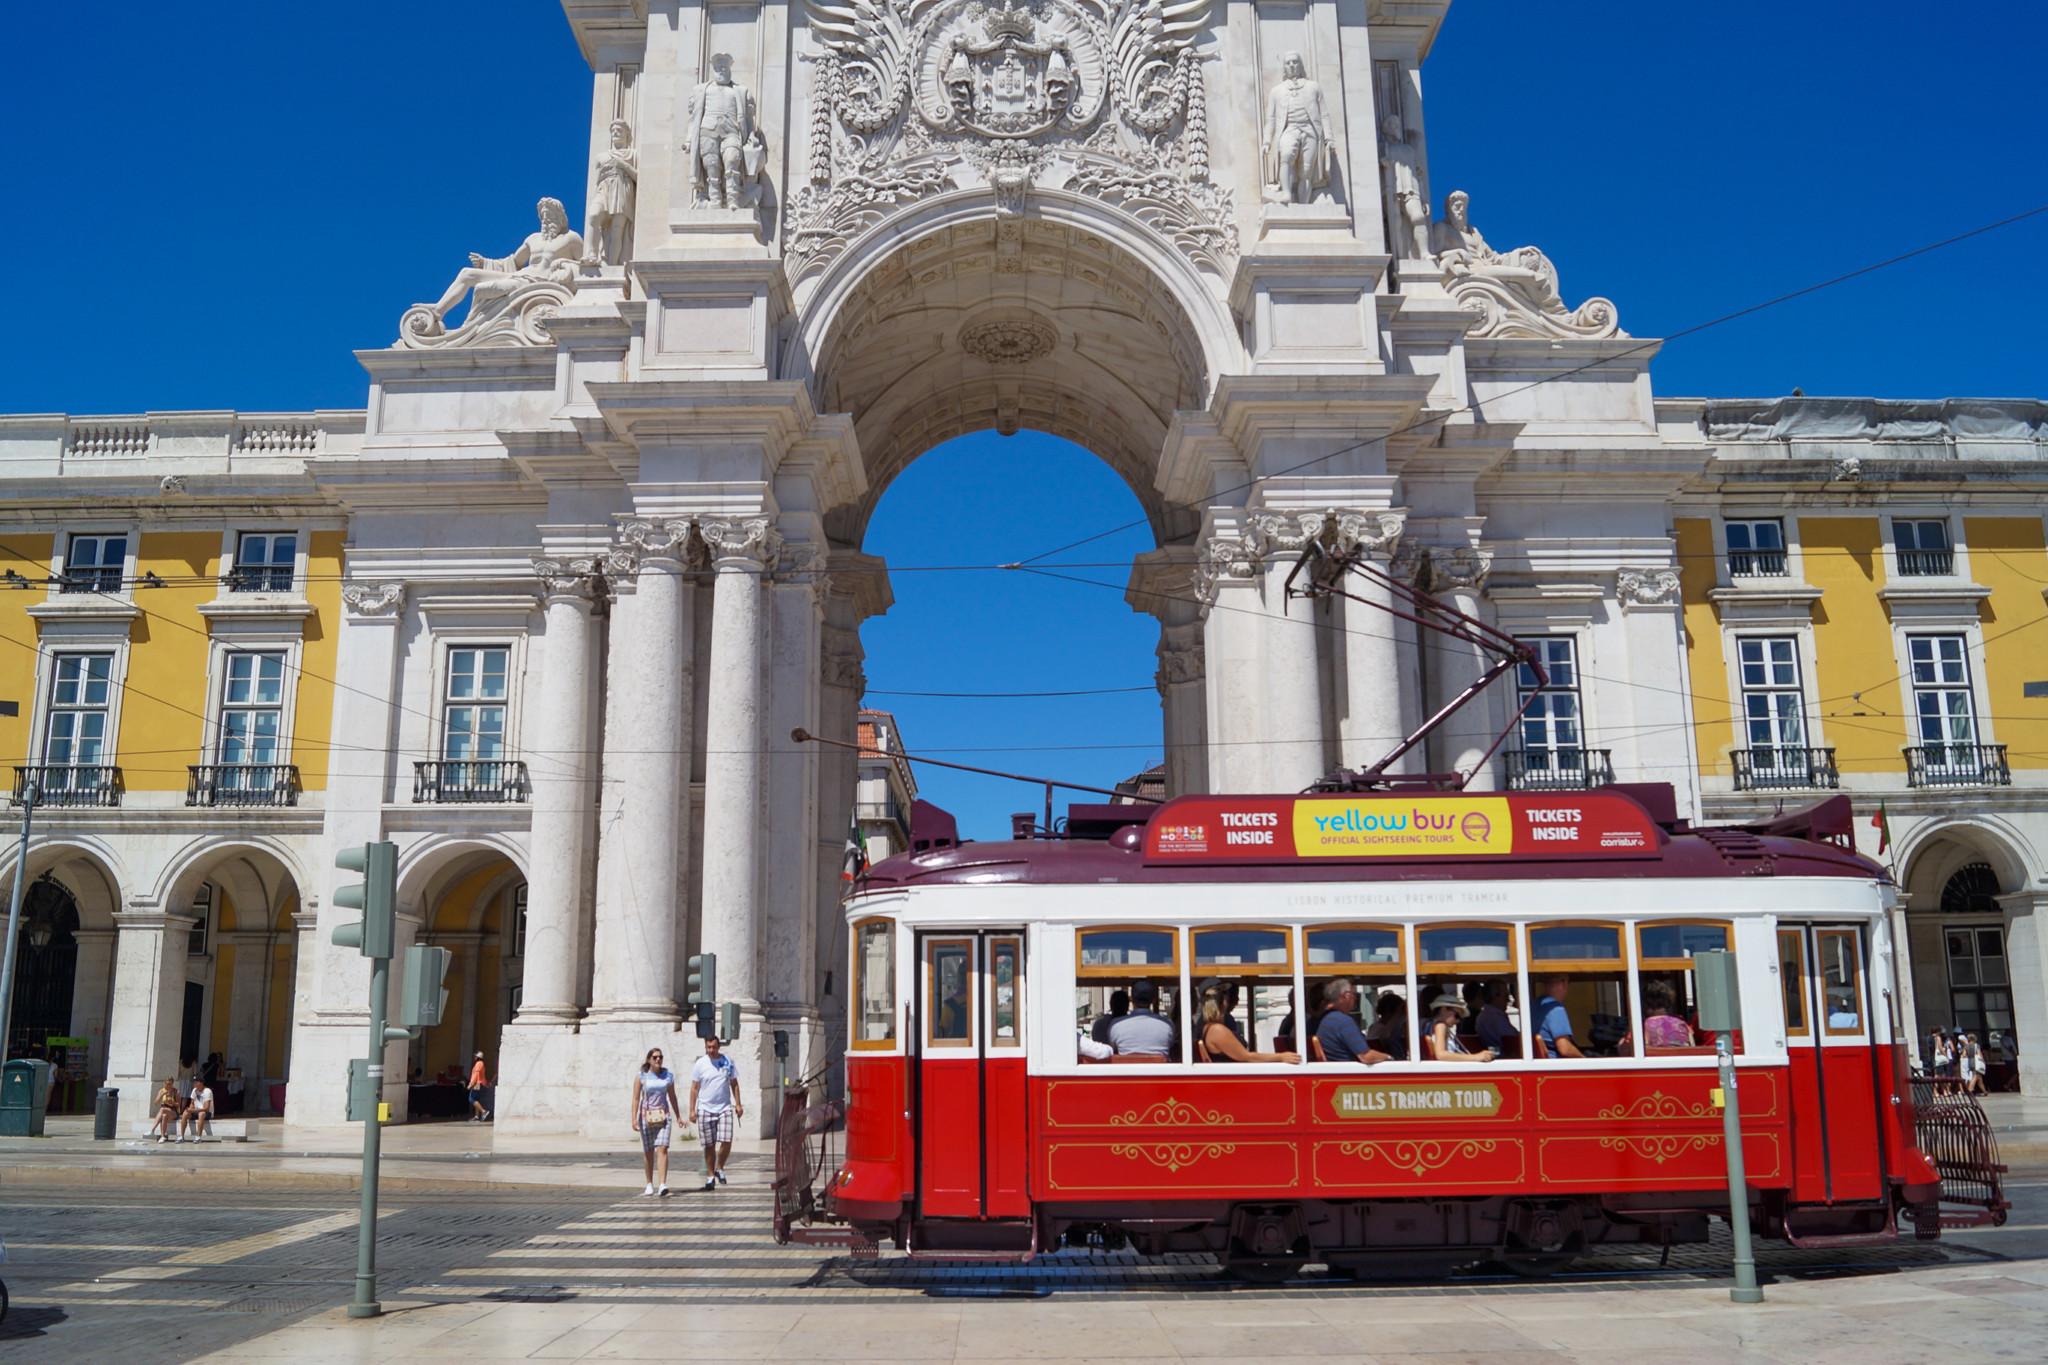 Sehenswürdigkeiten in Lissabon mit der Tram erkunden